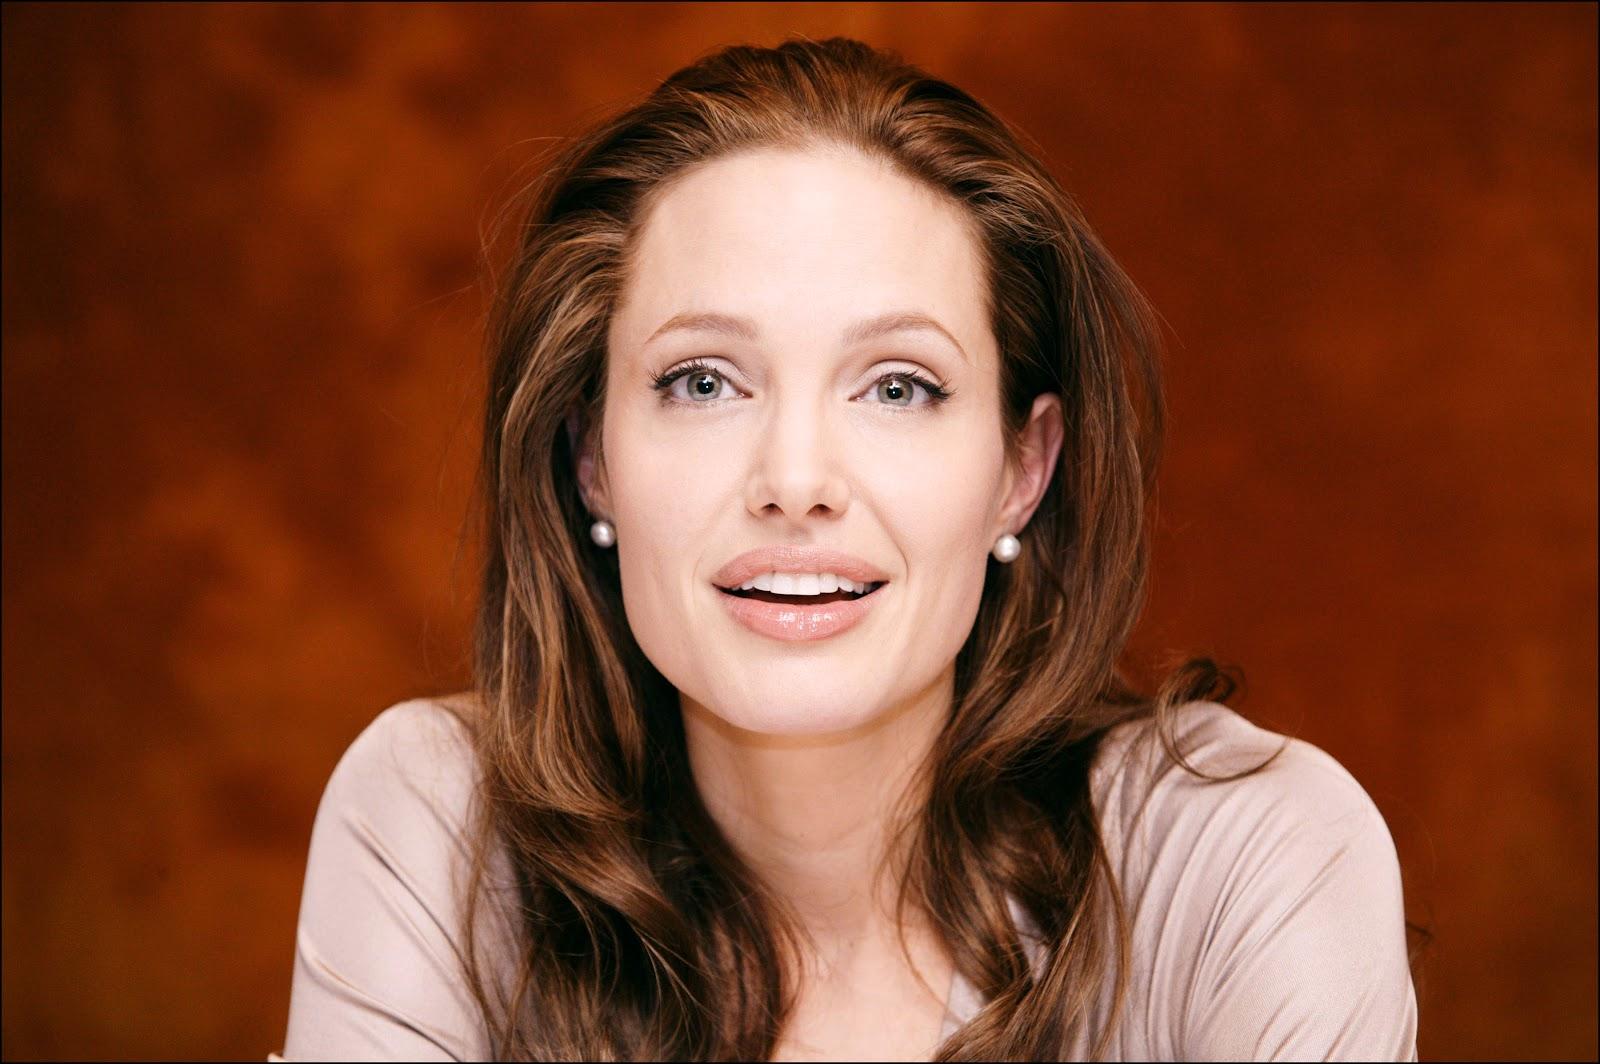 """Анджелина Джоли снимется в криминальной драме сценариста """"Убийцы""""."""